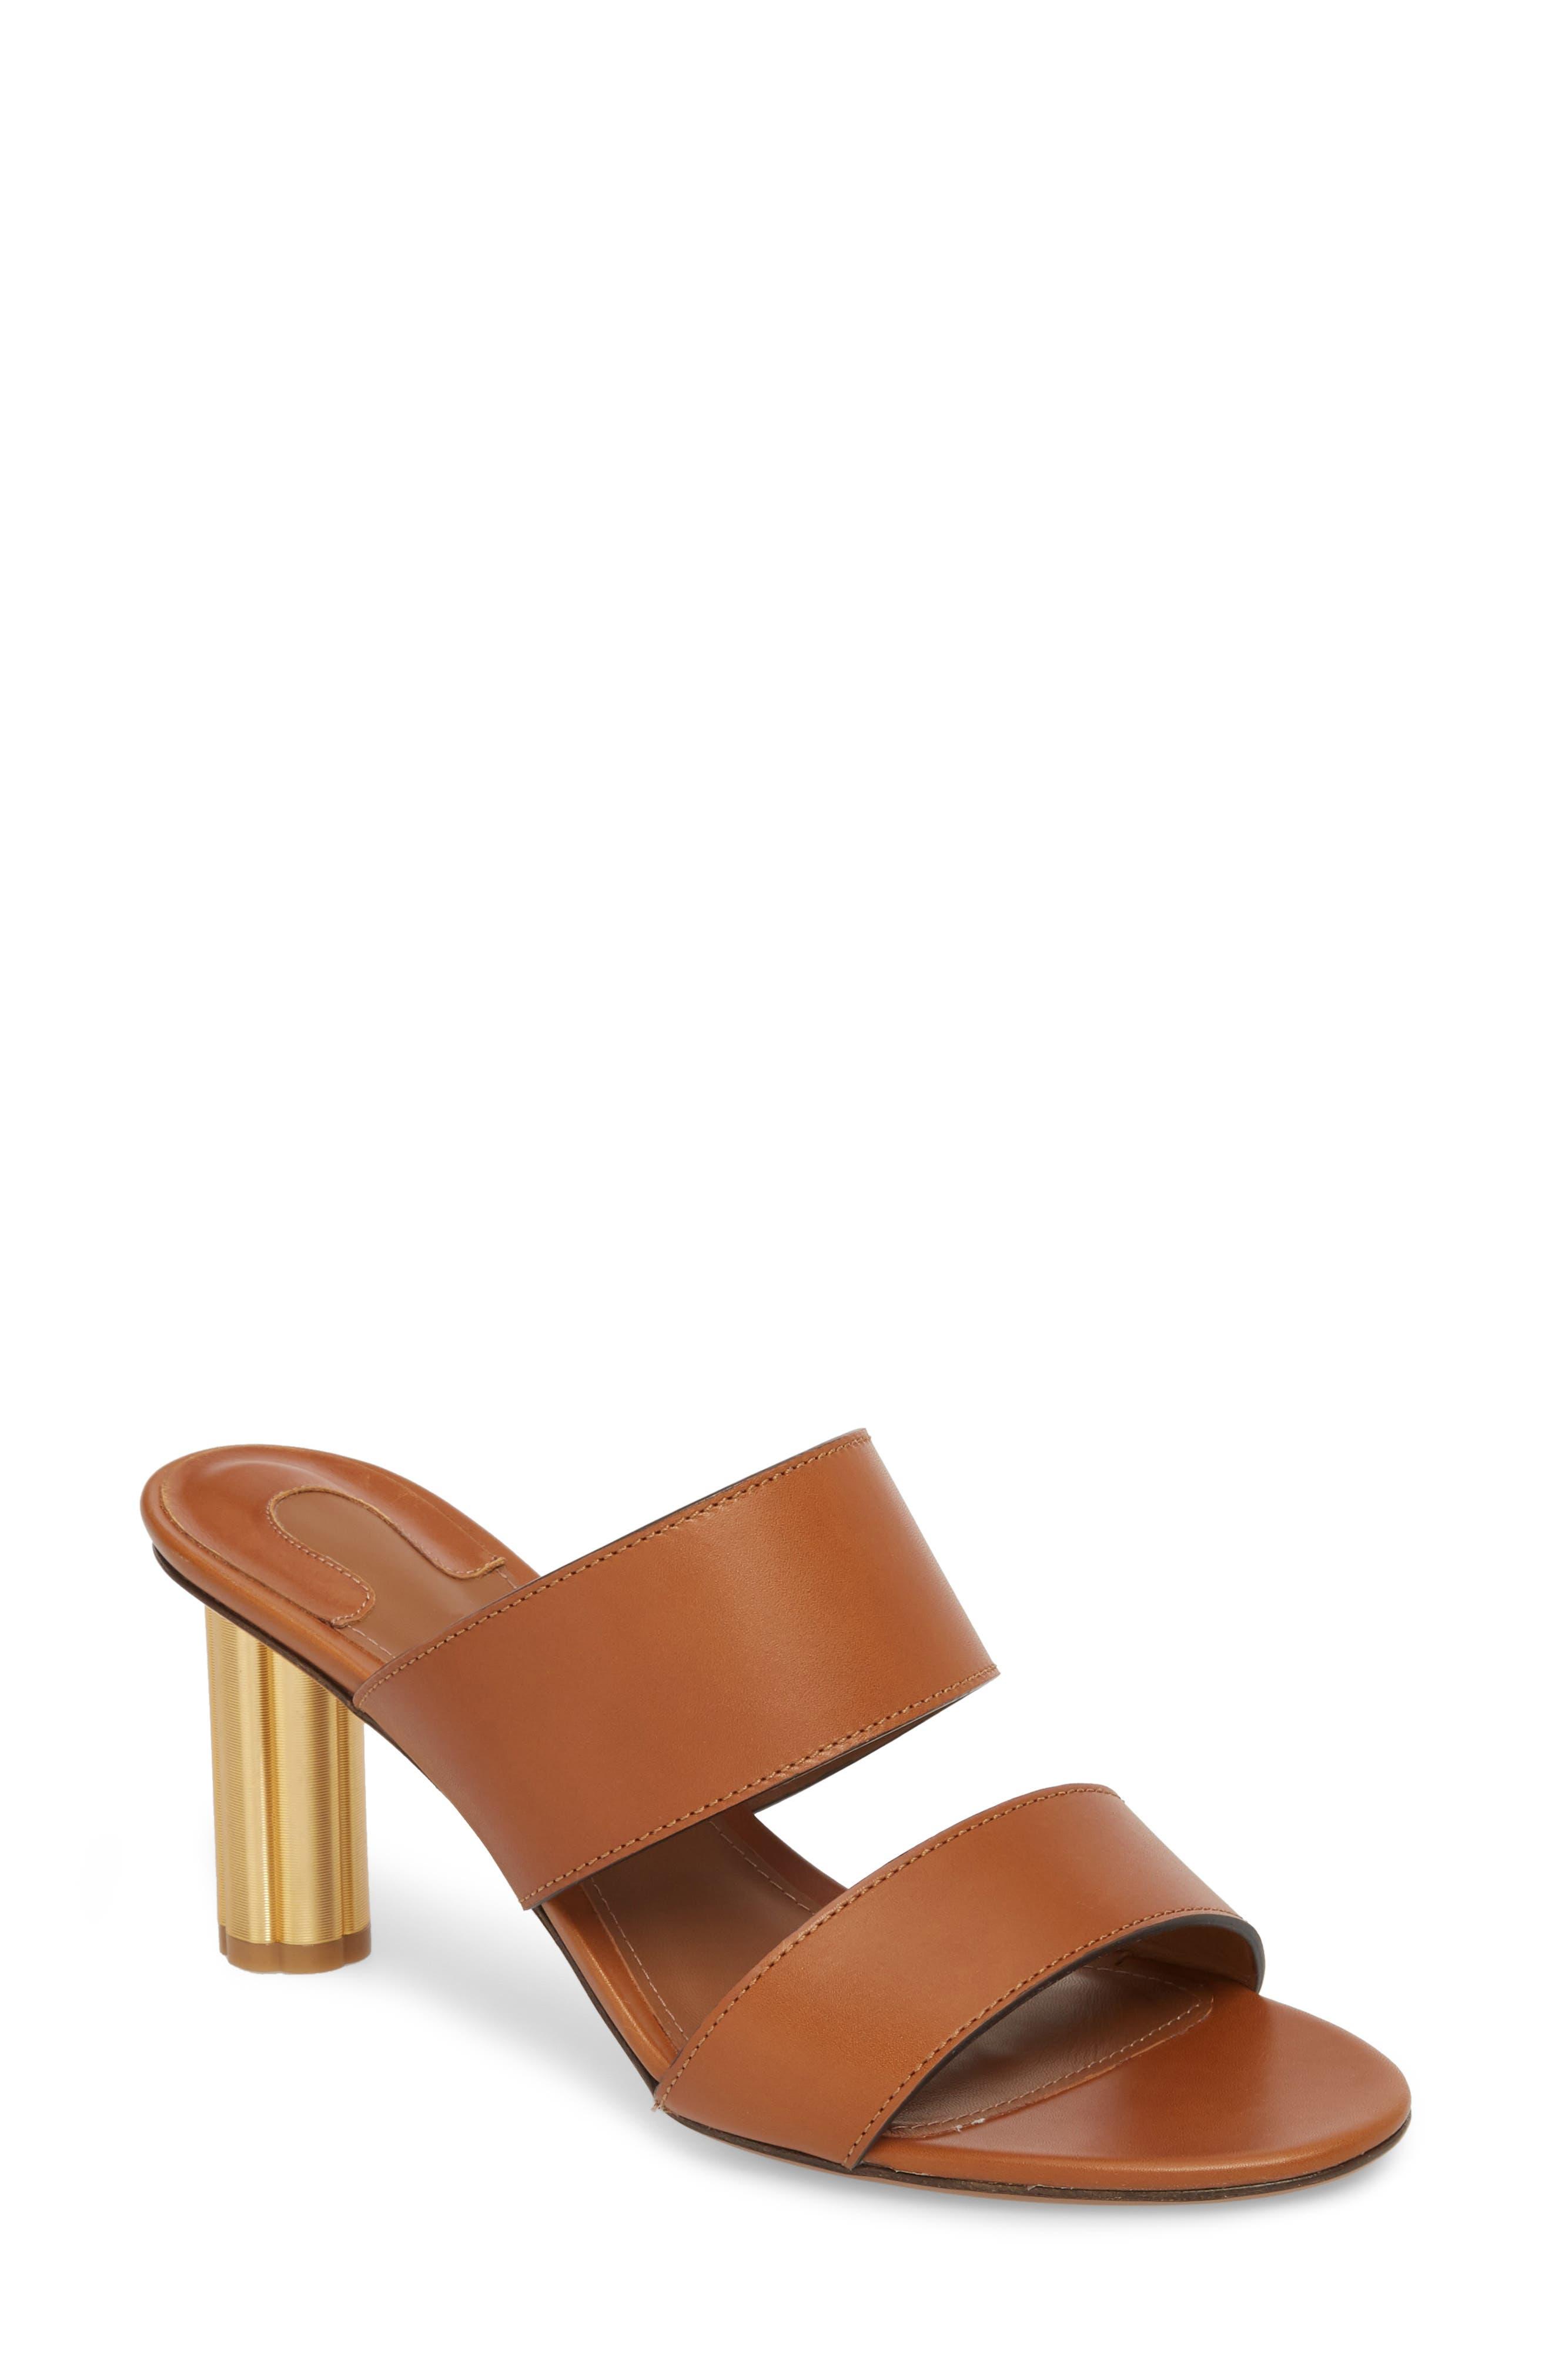 Moveno Sandal,                         Main,                         color, Brown